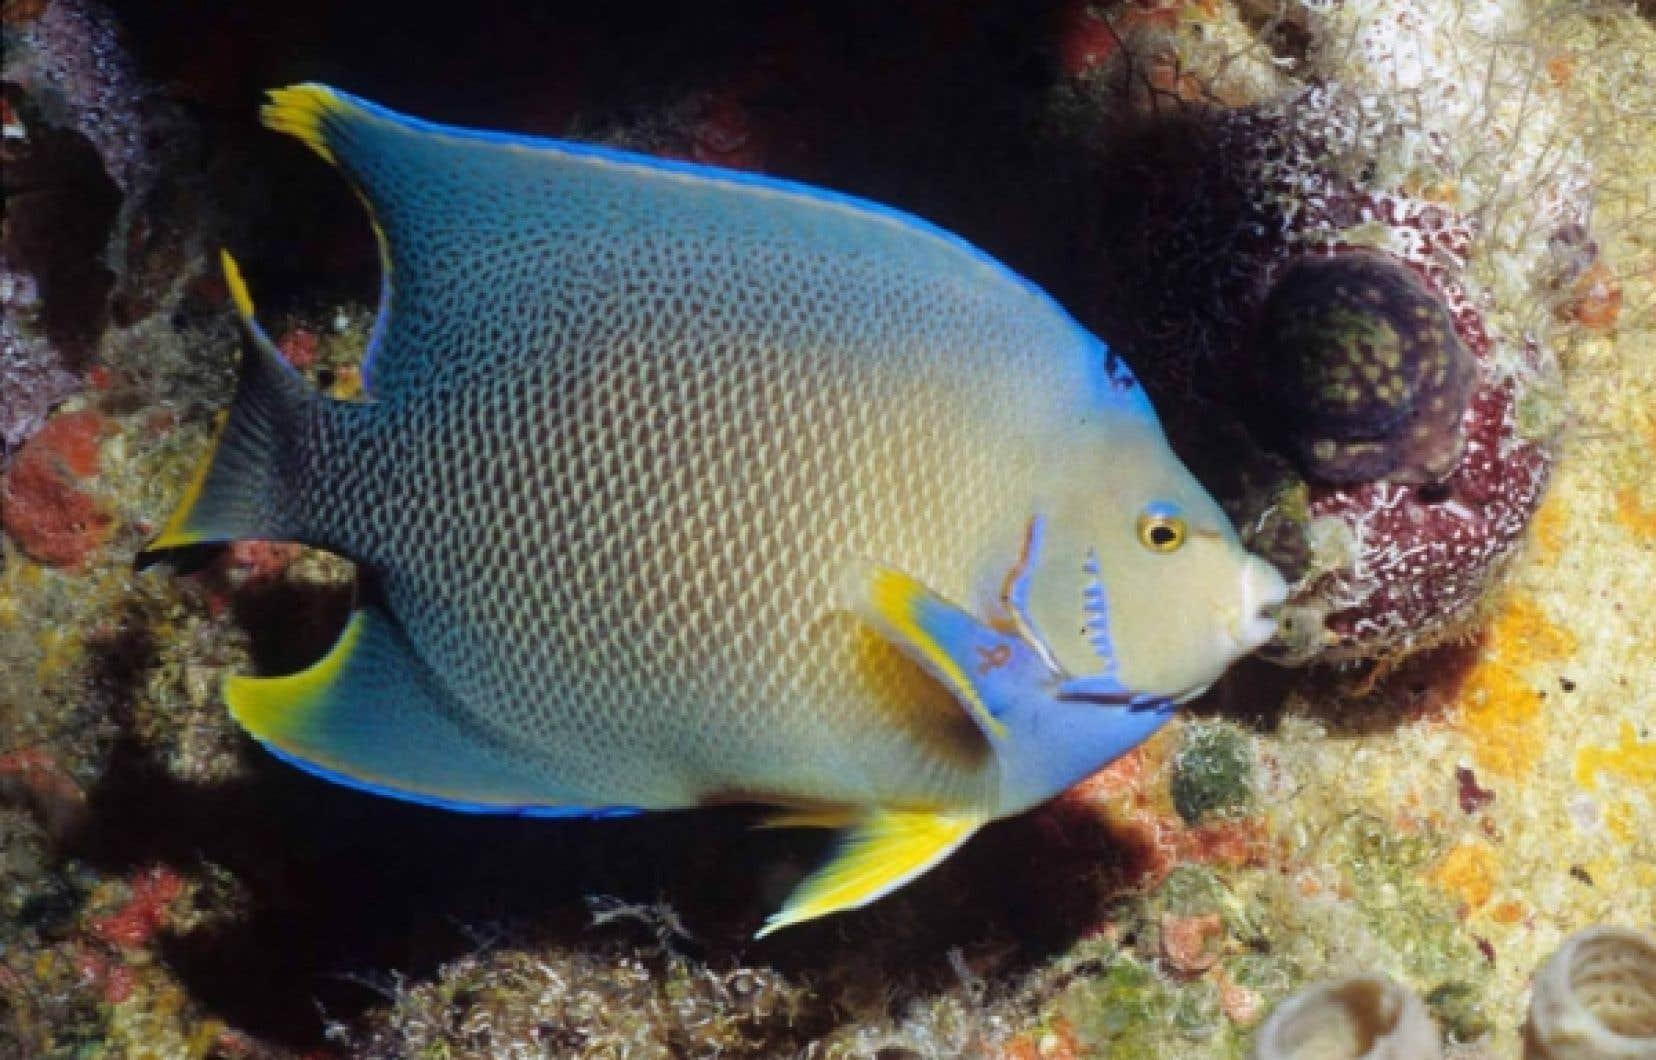 Le poisson-ange royal fait partie des 15 000 espèces marines du golfe du Mexique. La faune marine de la région a fait l'objet d'une étude scientifique juste avant le naufrage de la plateforme pétrolière. <br />